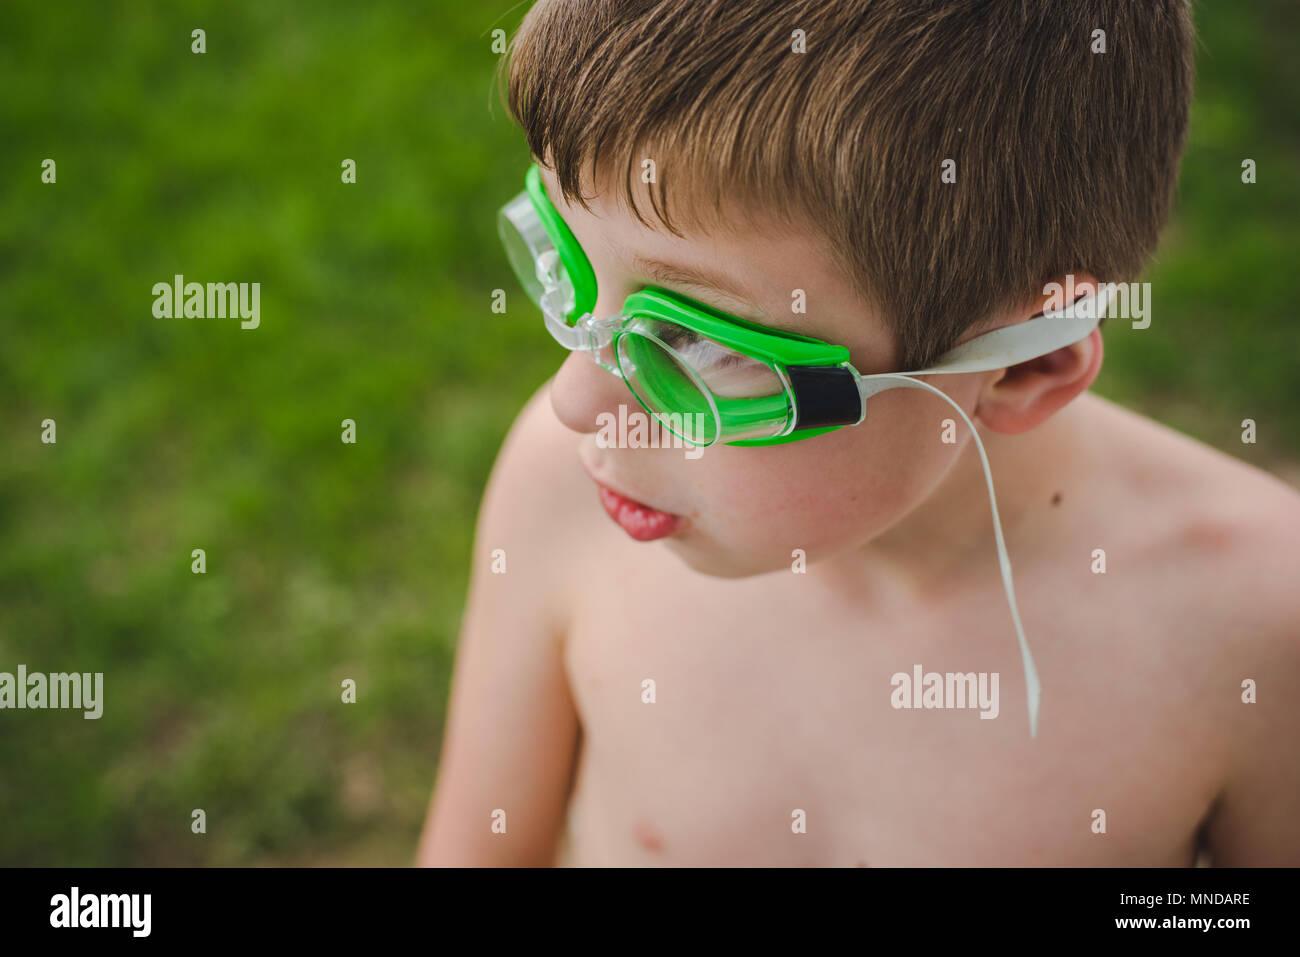 Un niño usando gafas de natación verde en un día soleado de verano Imagen De Stock